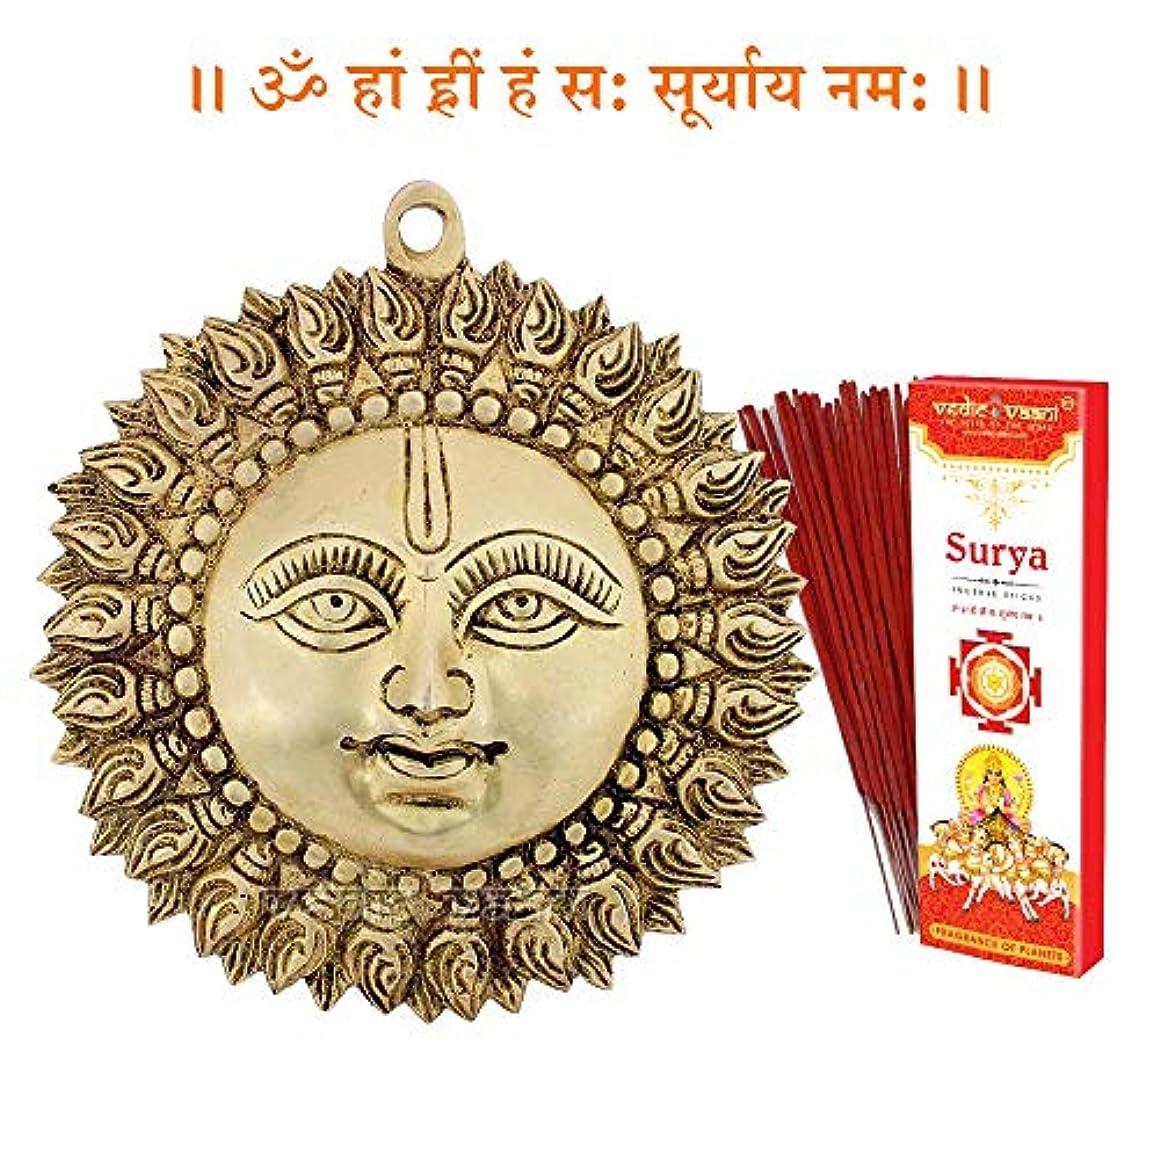 ワークショップスズメバチ厚くするVedic Vaani Lord Surya Dev (Sun) 壁掛け Surya お香スティック付き